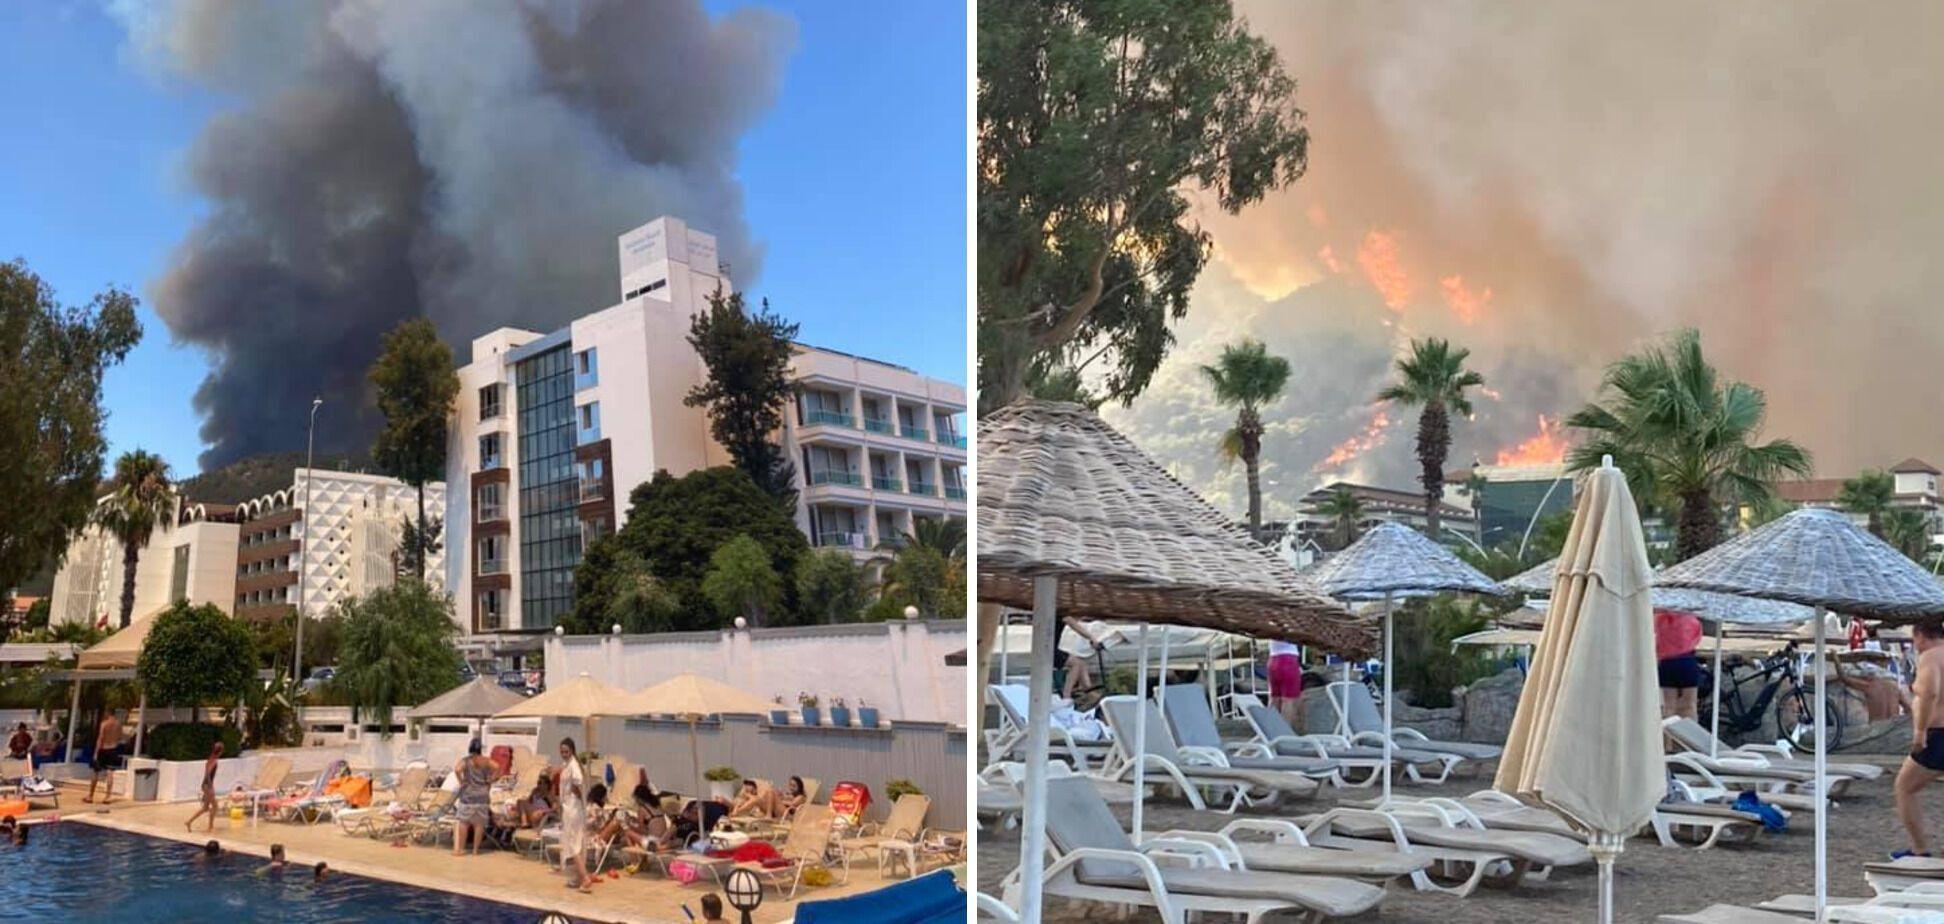 Огонь приблизился к отелям, где отдыхали украинцы